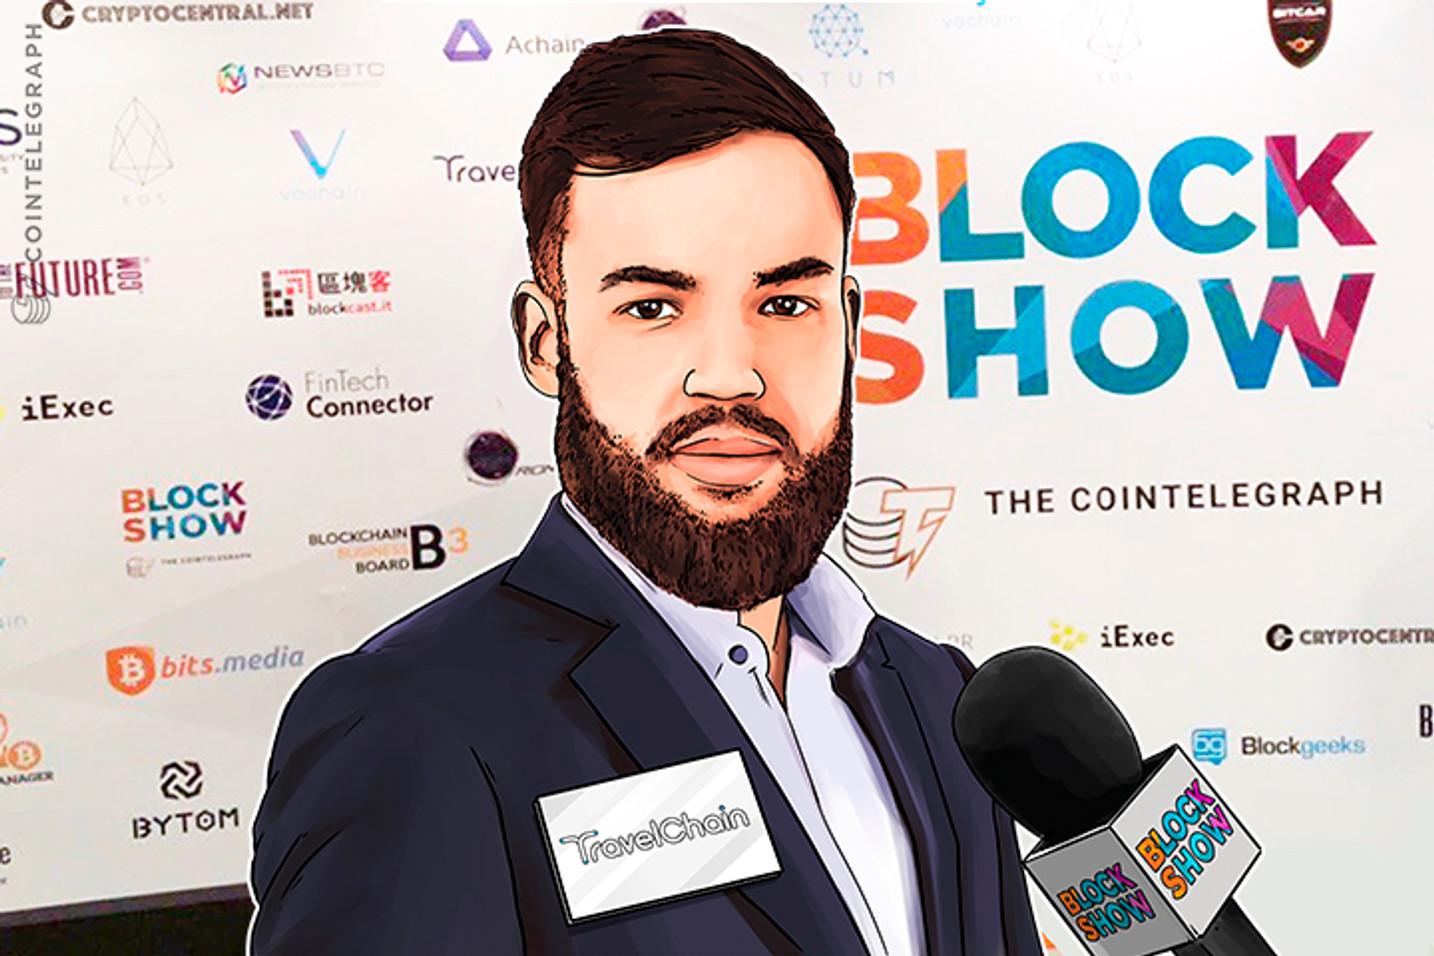 La tecnología para unir el planeta: entrevista con el CEO de TravelChain